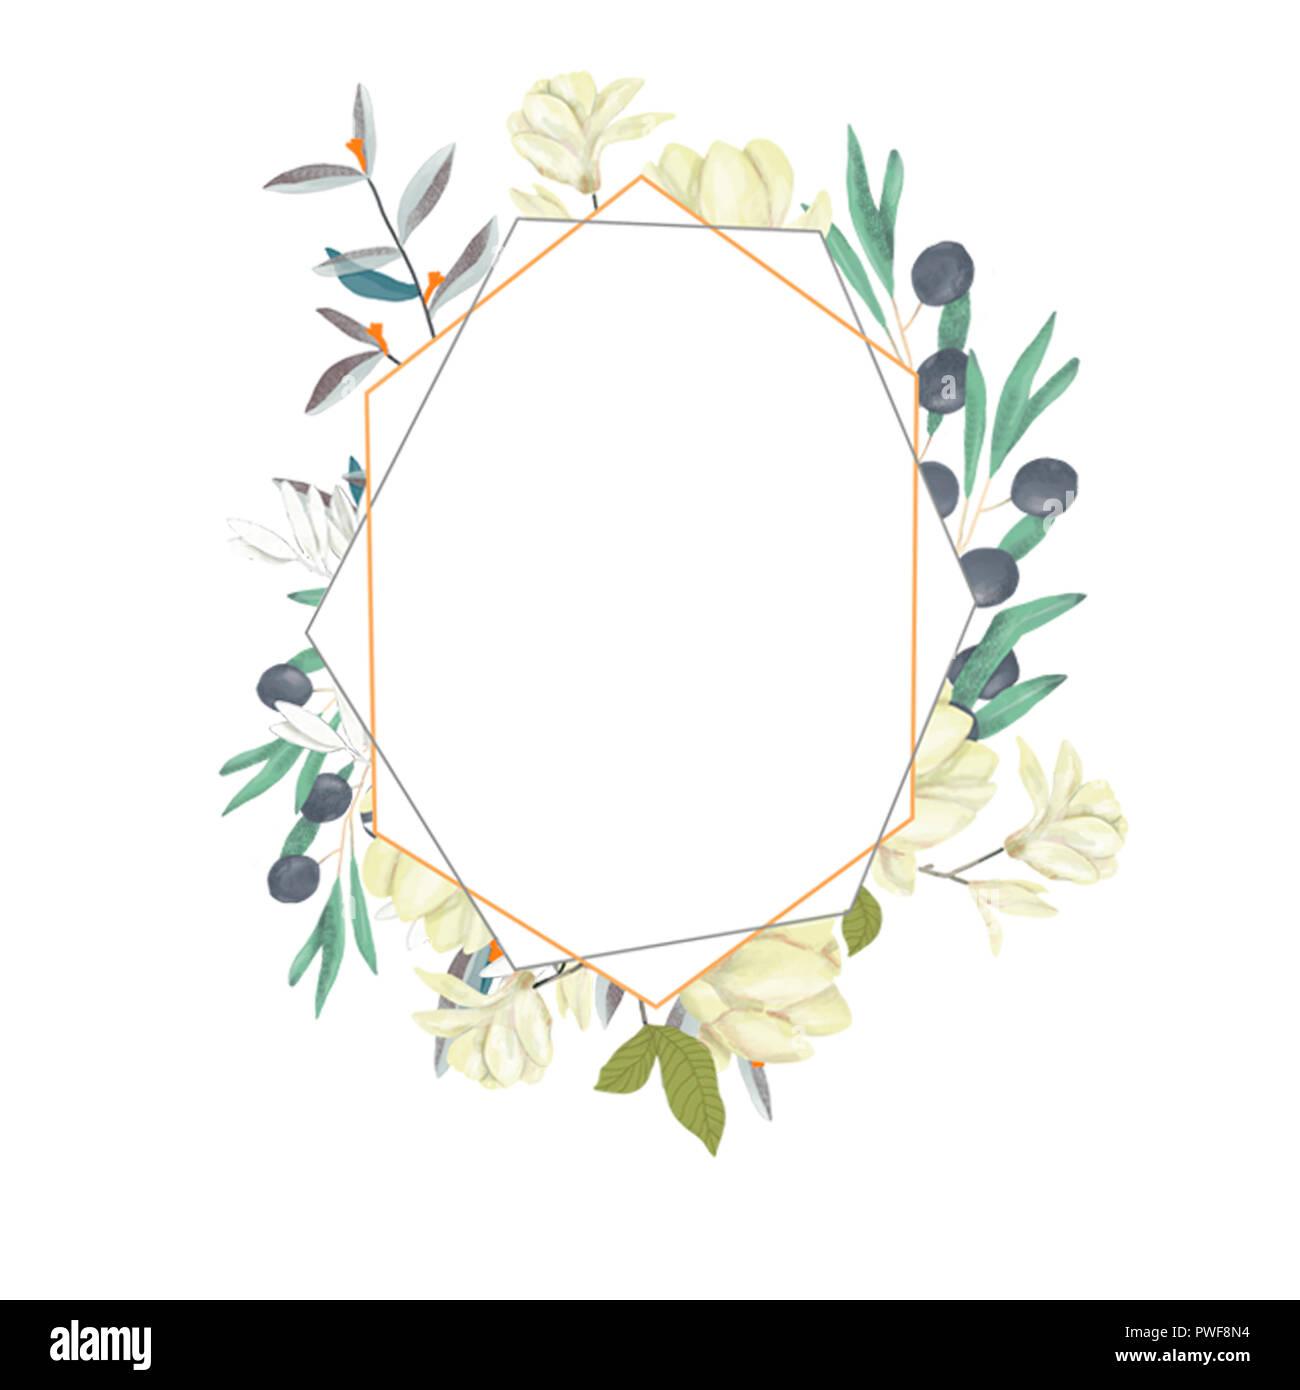 Invitation de mariage, carte d'olive, inviter floral floral et géométrique magnolia cadre doré imprimer. Fond blanc Banque D'Images